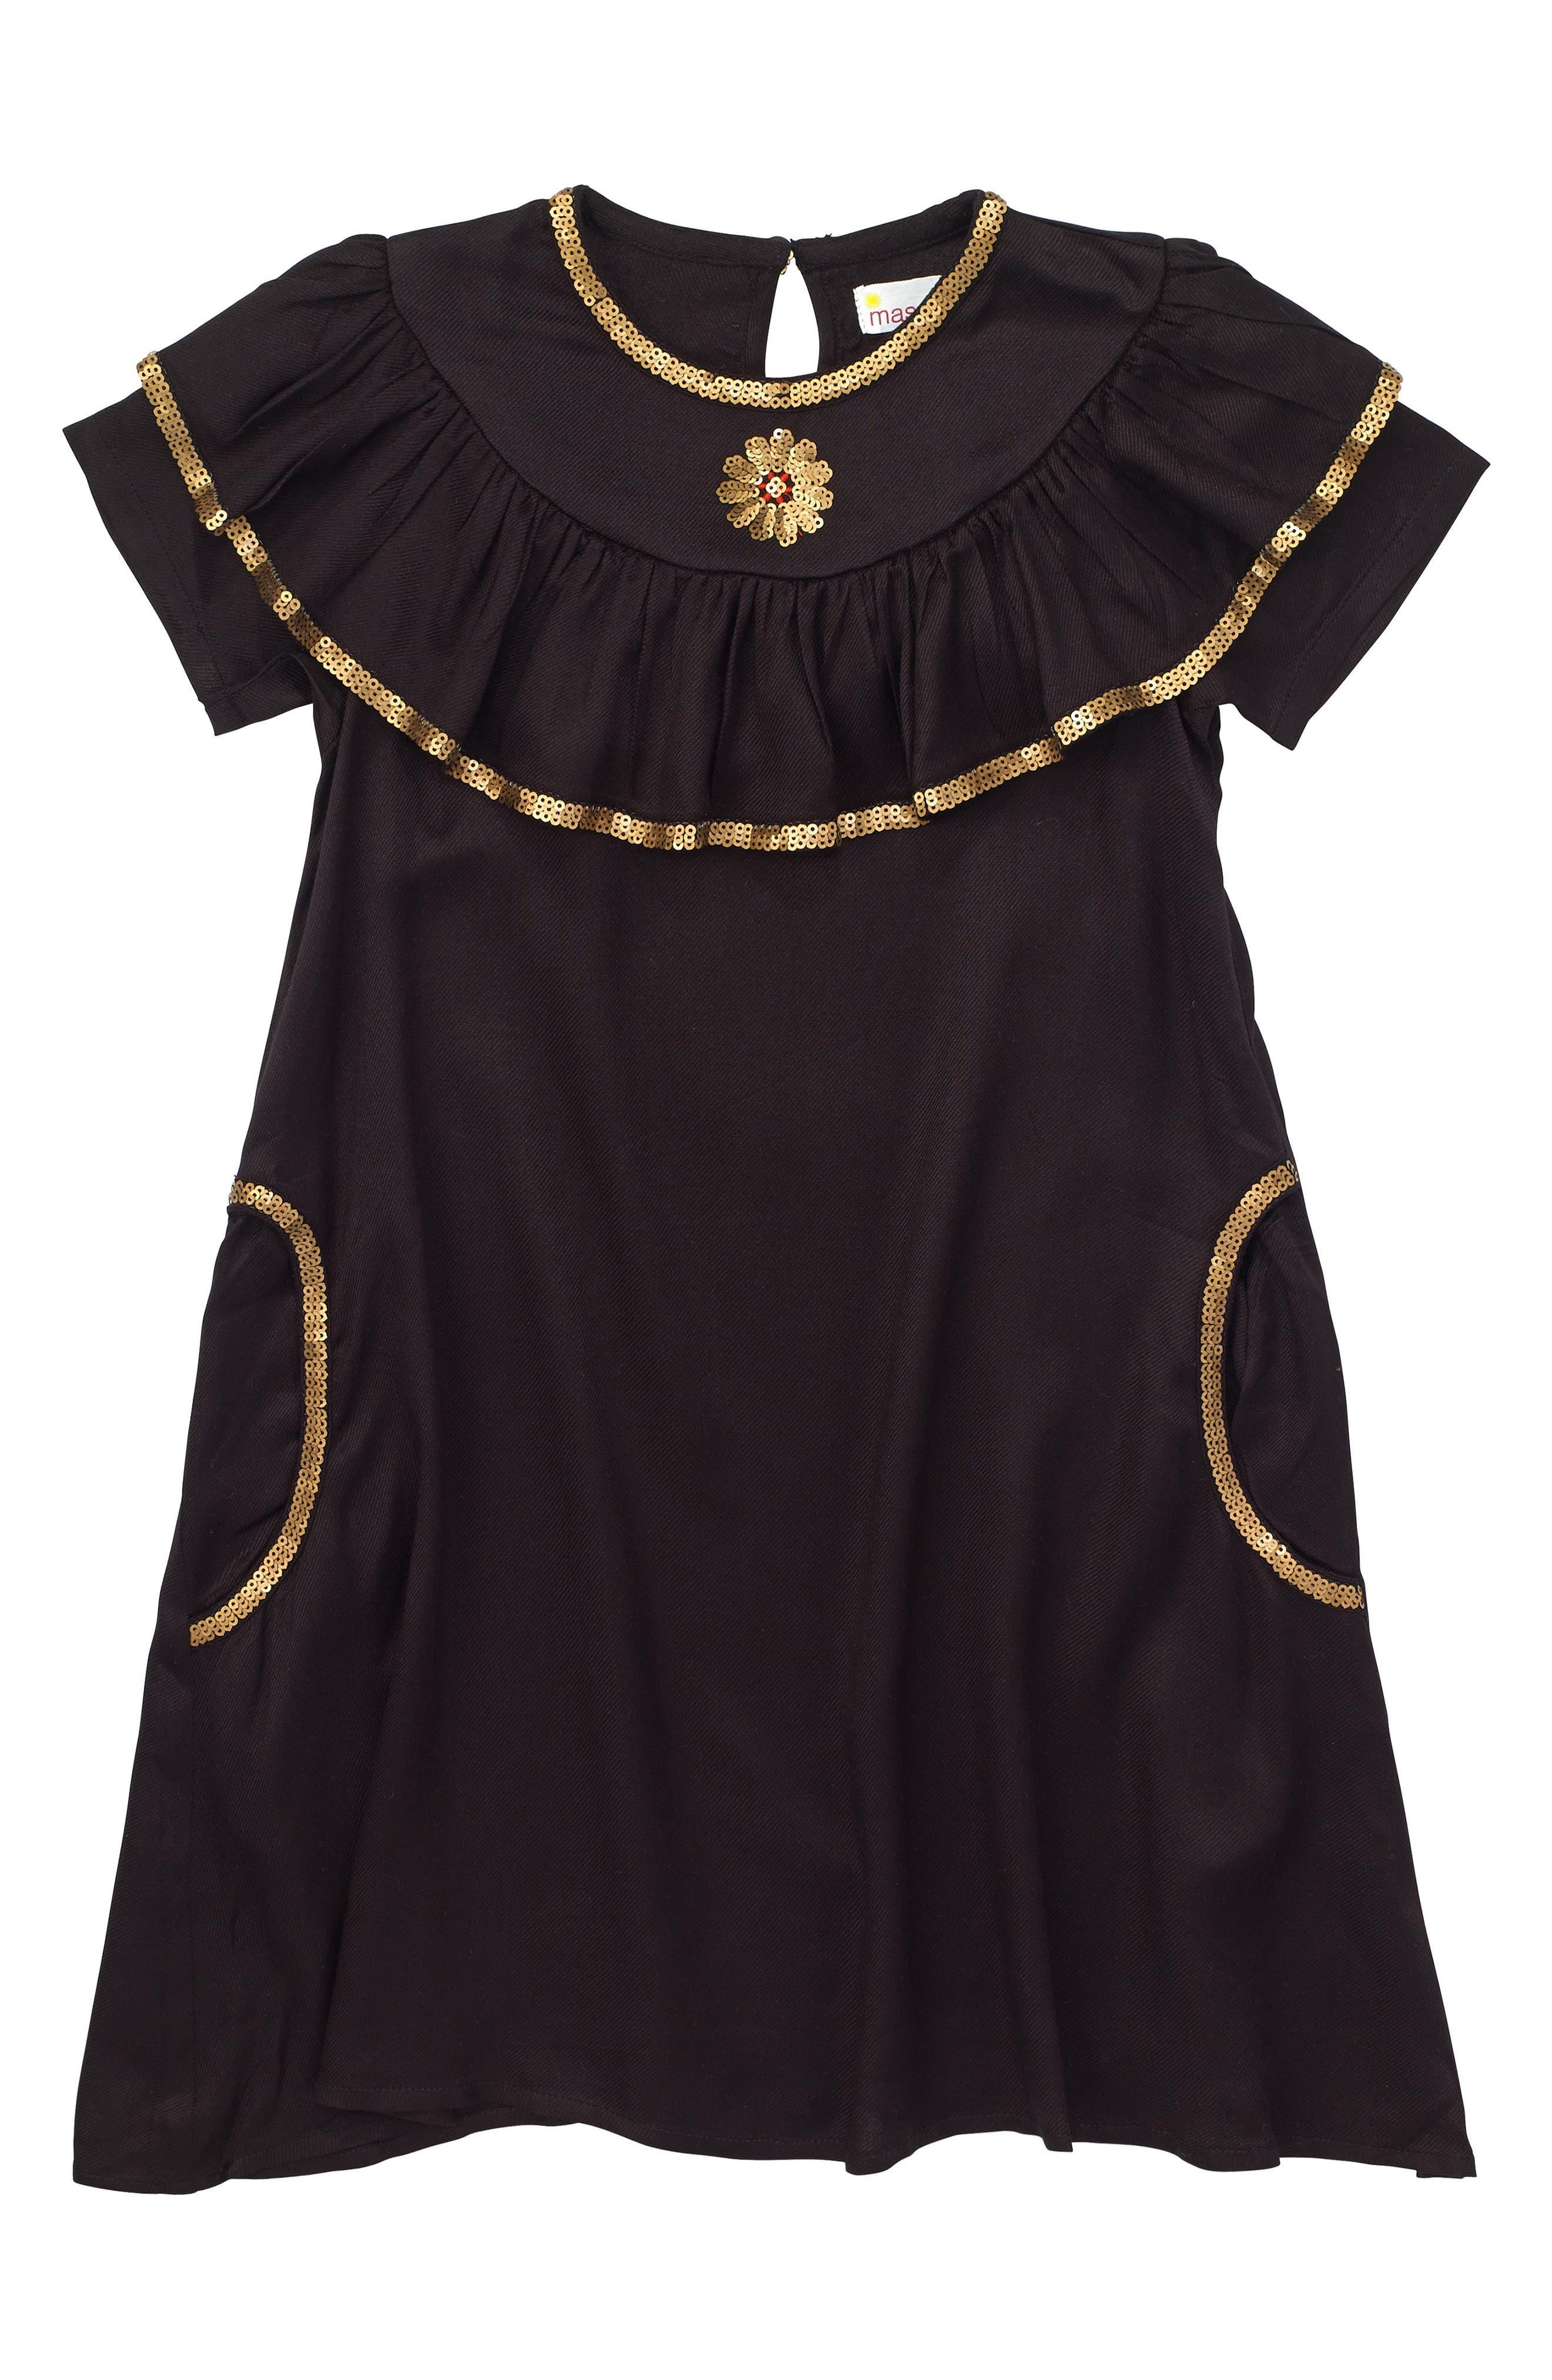 Main Image - Masalababy Enchanted Dress (Toddler Girls, Little Girls & Big Girls)